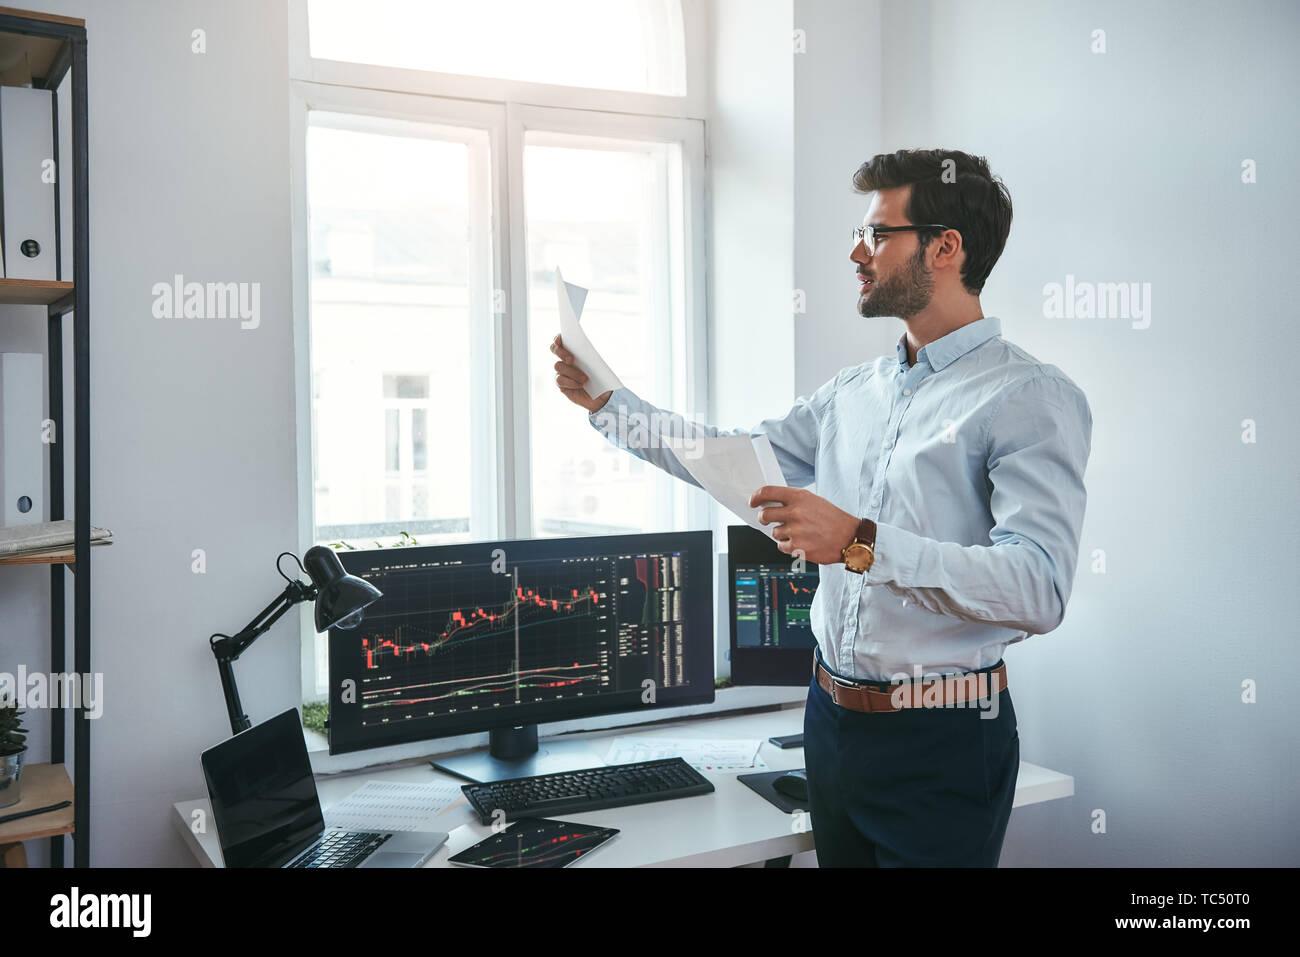 Estrategia de trading. Inteligente y joven comerciante en anteojos mirando informes financieros y analizar gráficos comerciales mientras está de pie delante de las pantallas de las computadoras en la oficina moderna. Corredor de bolsa. El mercado Forex. Concepto de comercio Foto de stock